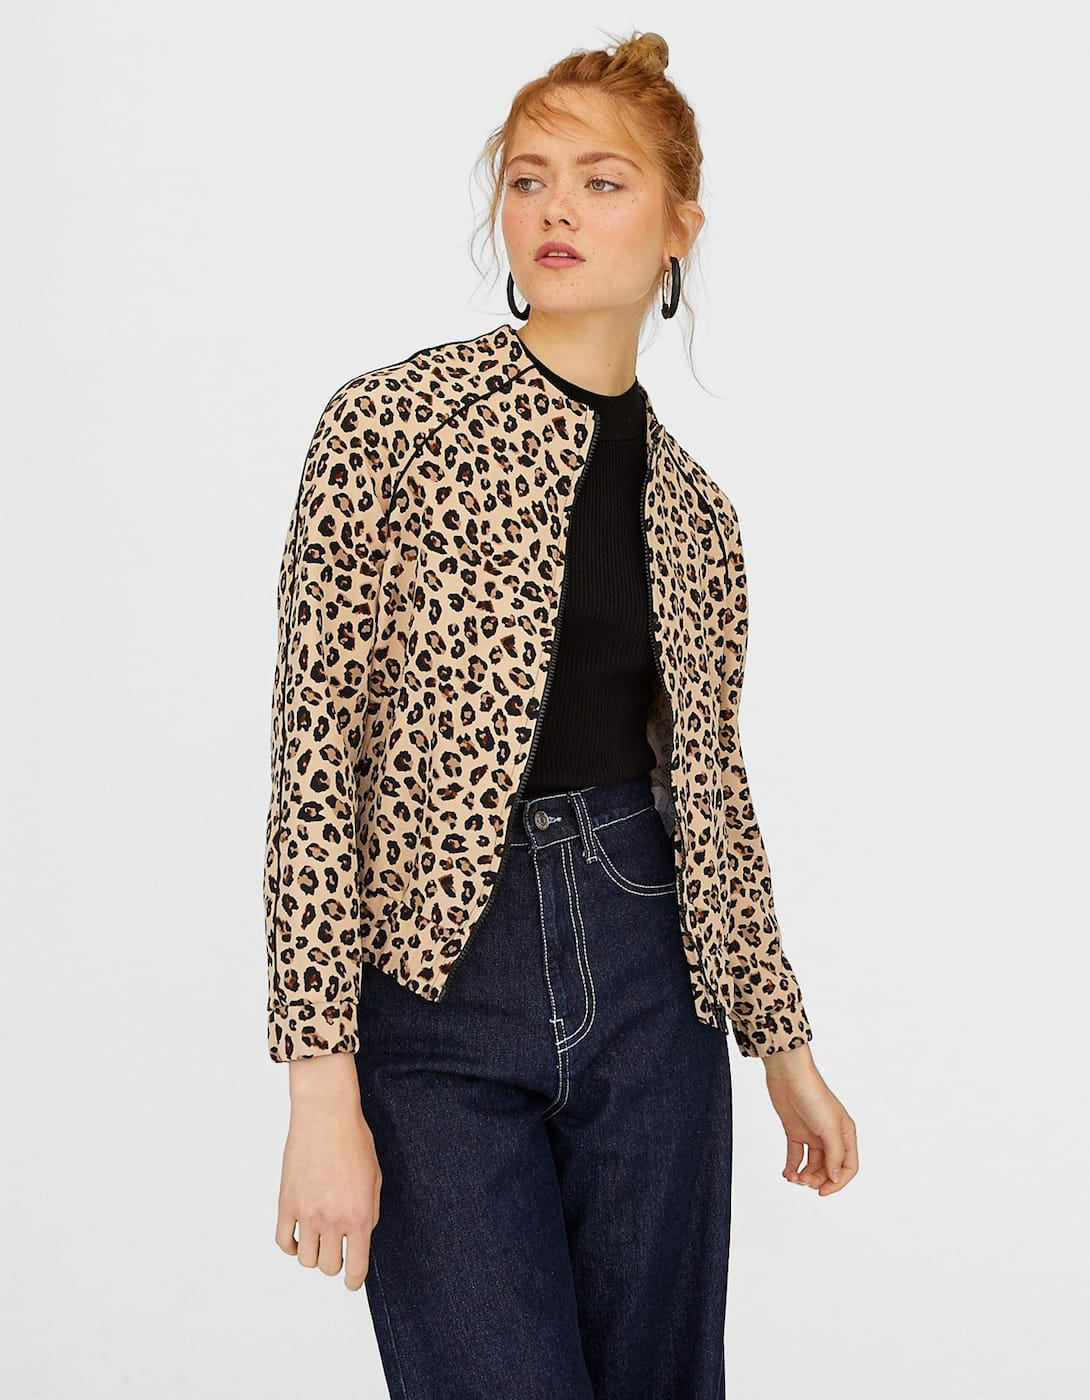 tendance léopard